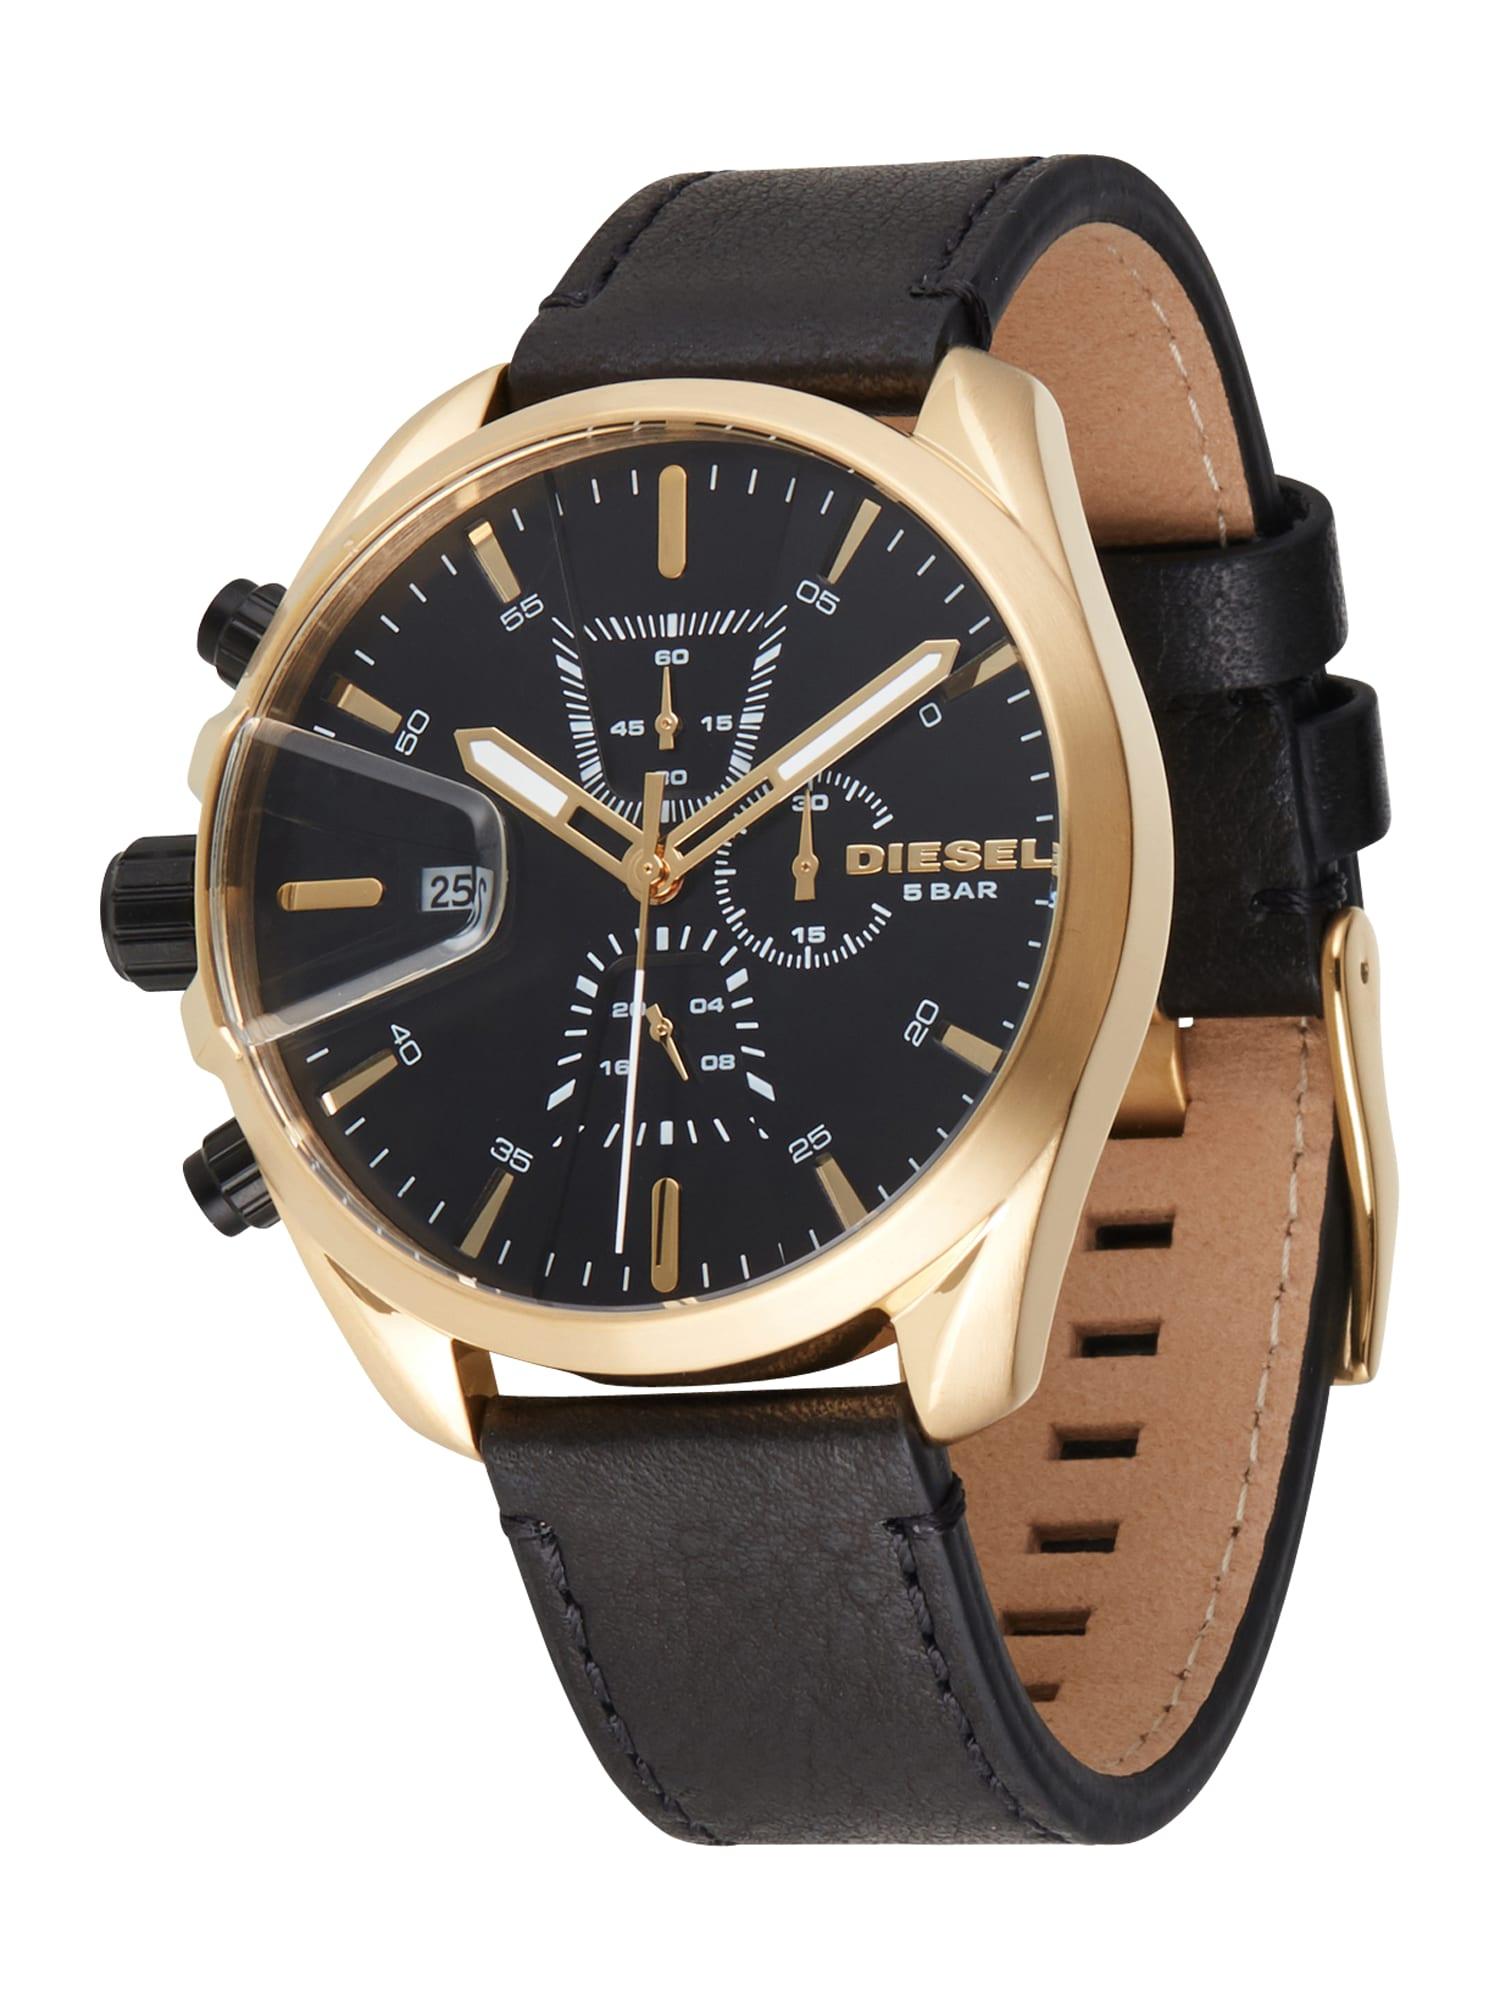 DIESEL Analoginis (įprasto dizaino) laikrodis juoda / auksas